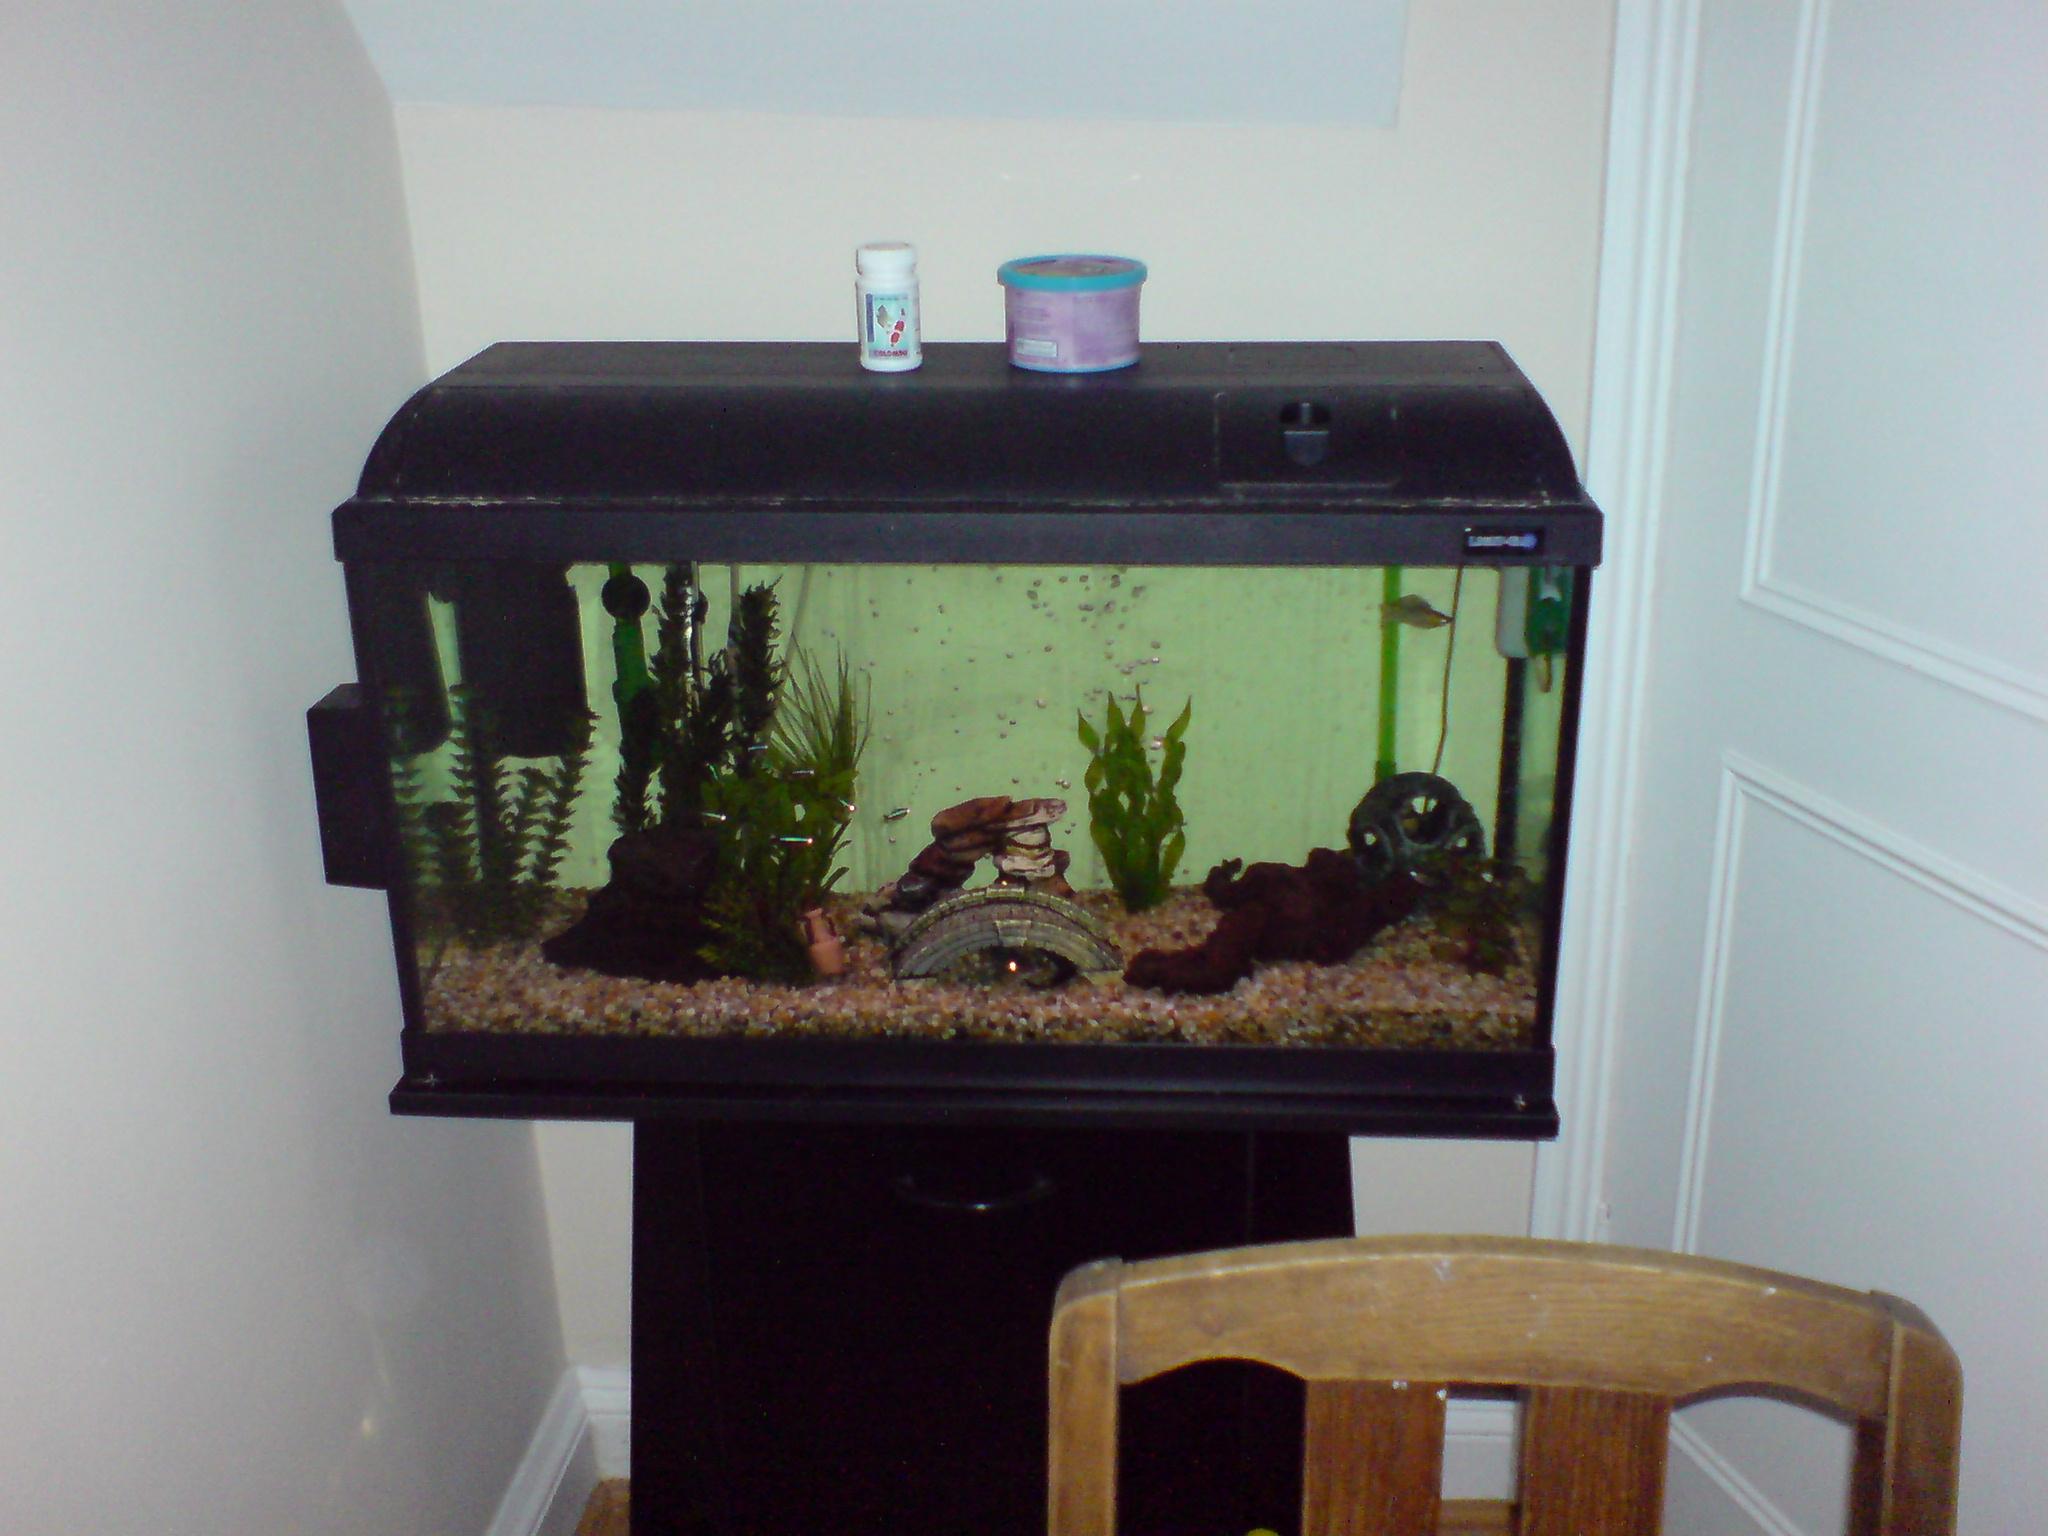 Making an online Fish Tank webcam!